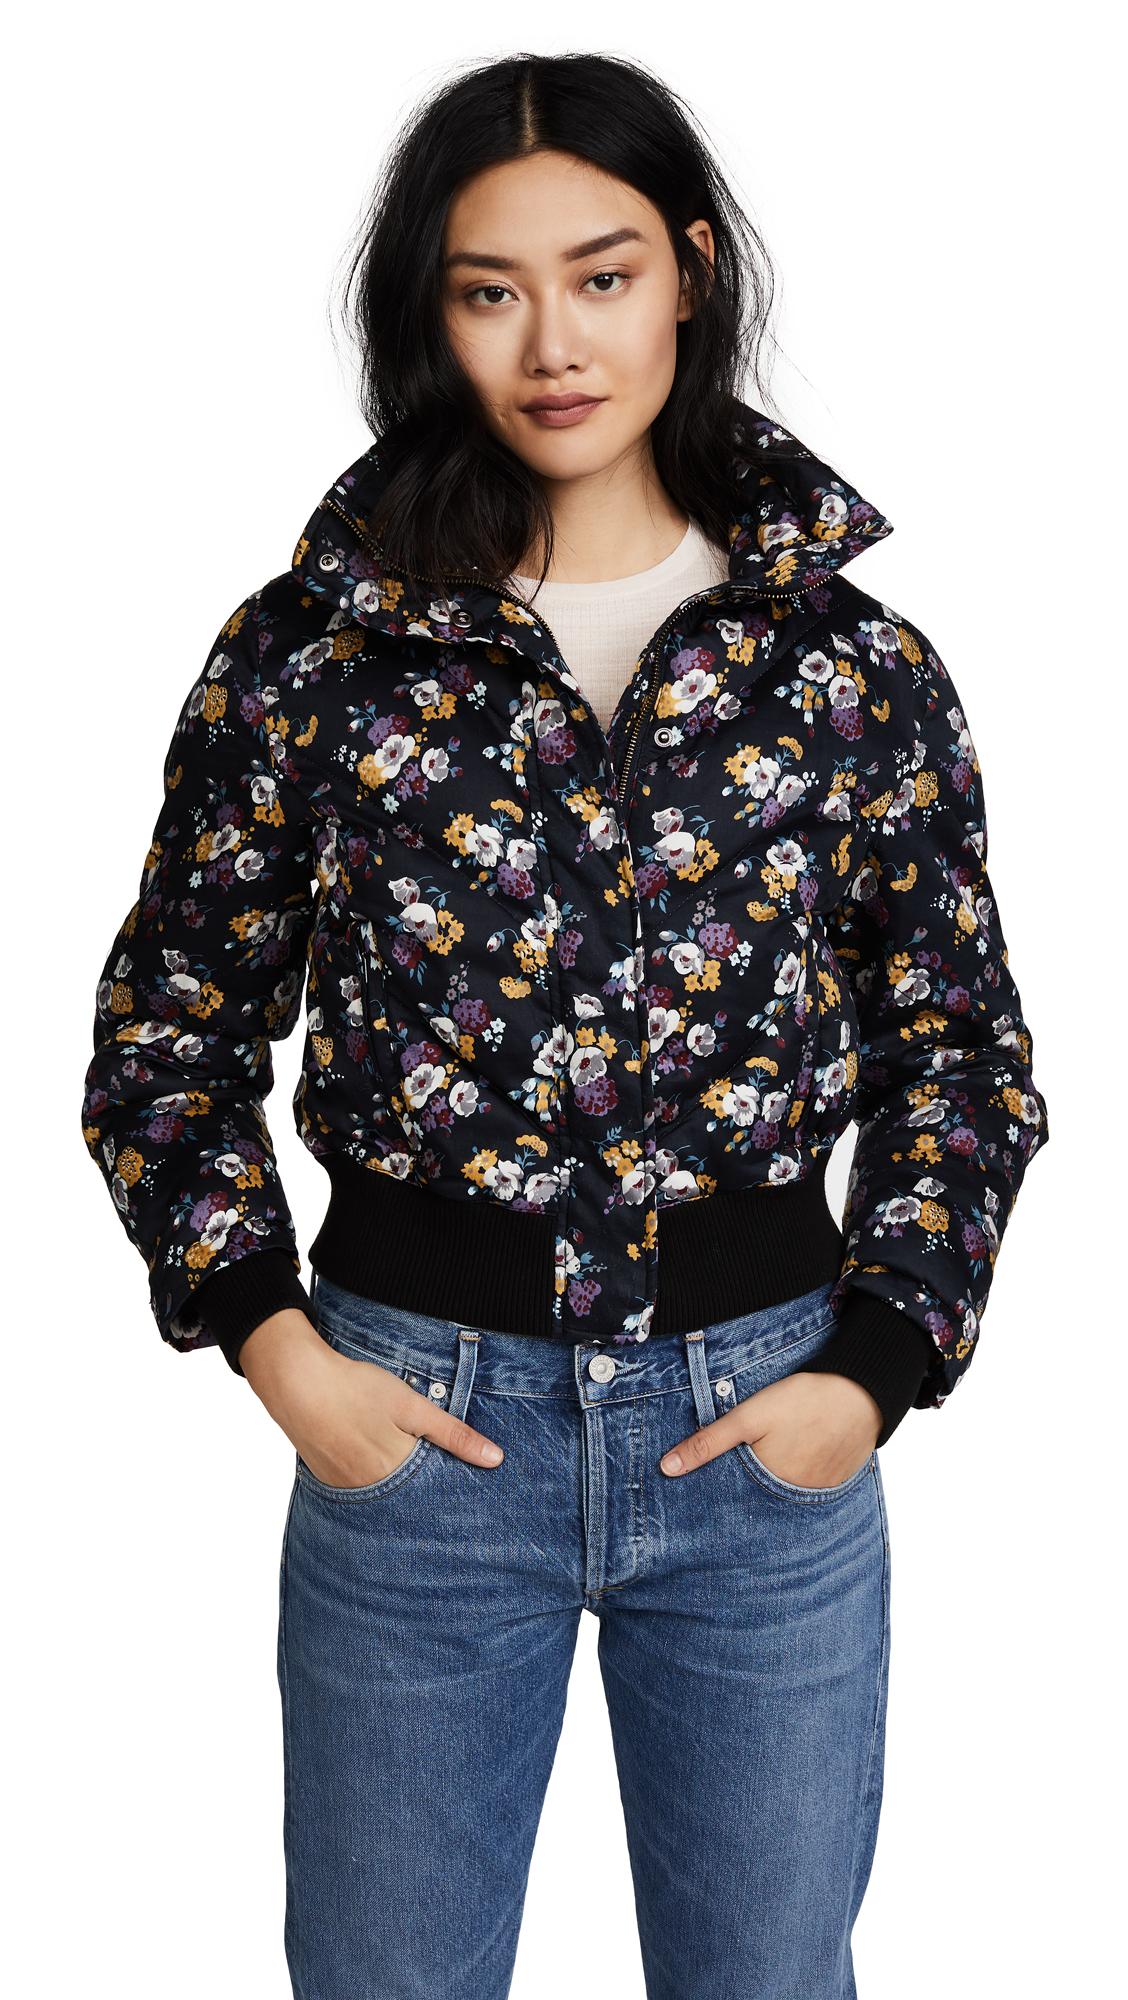 La Vie Rebecca Taylor Winter Posey Coat